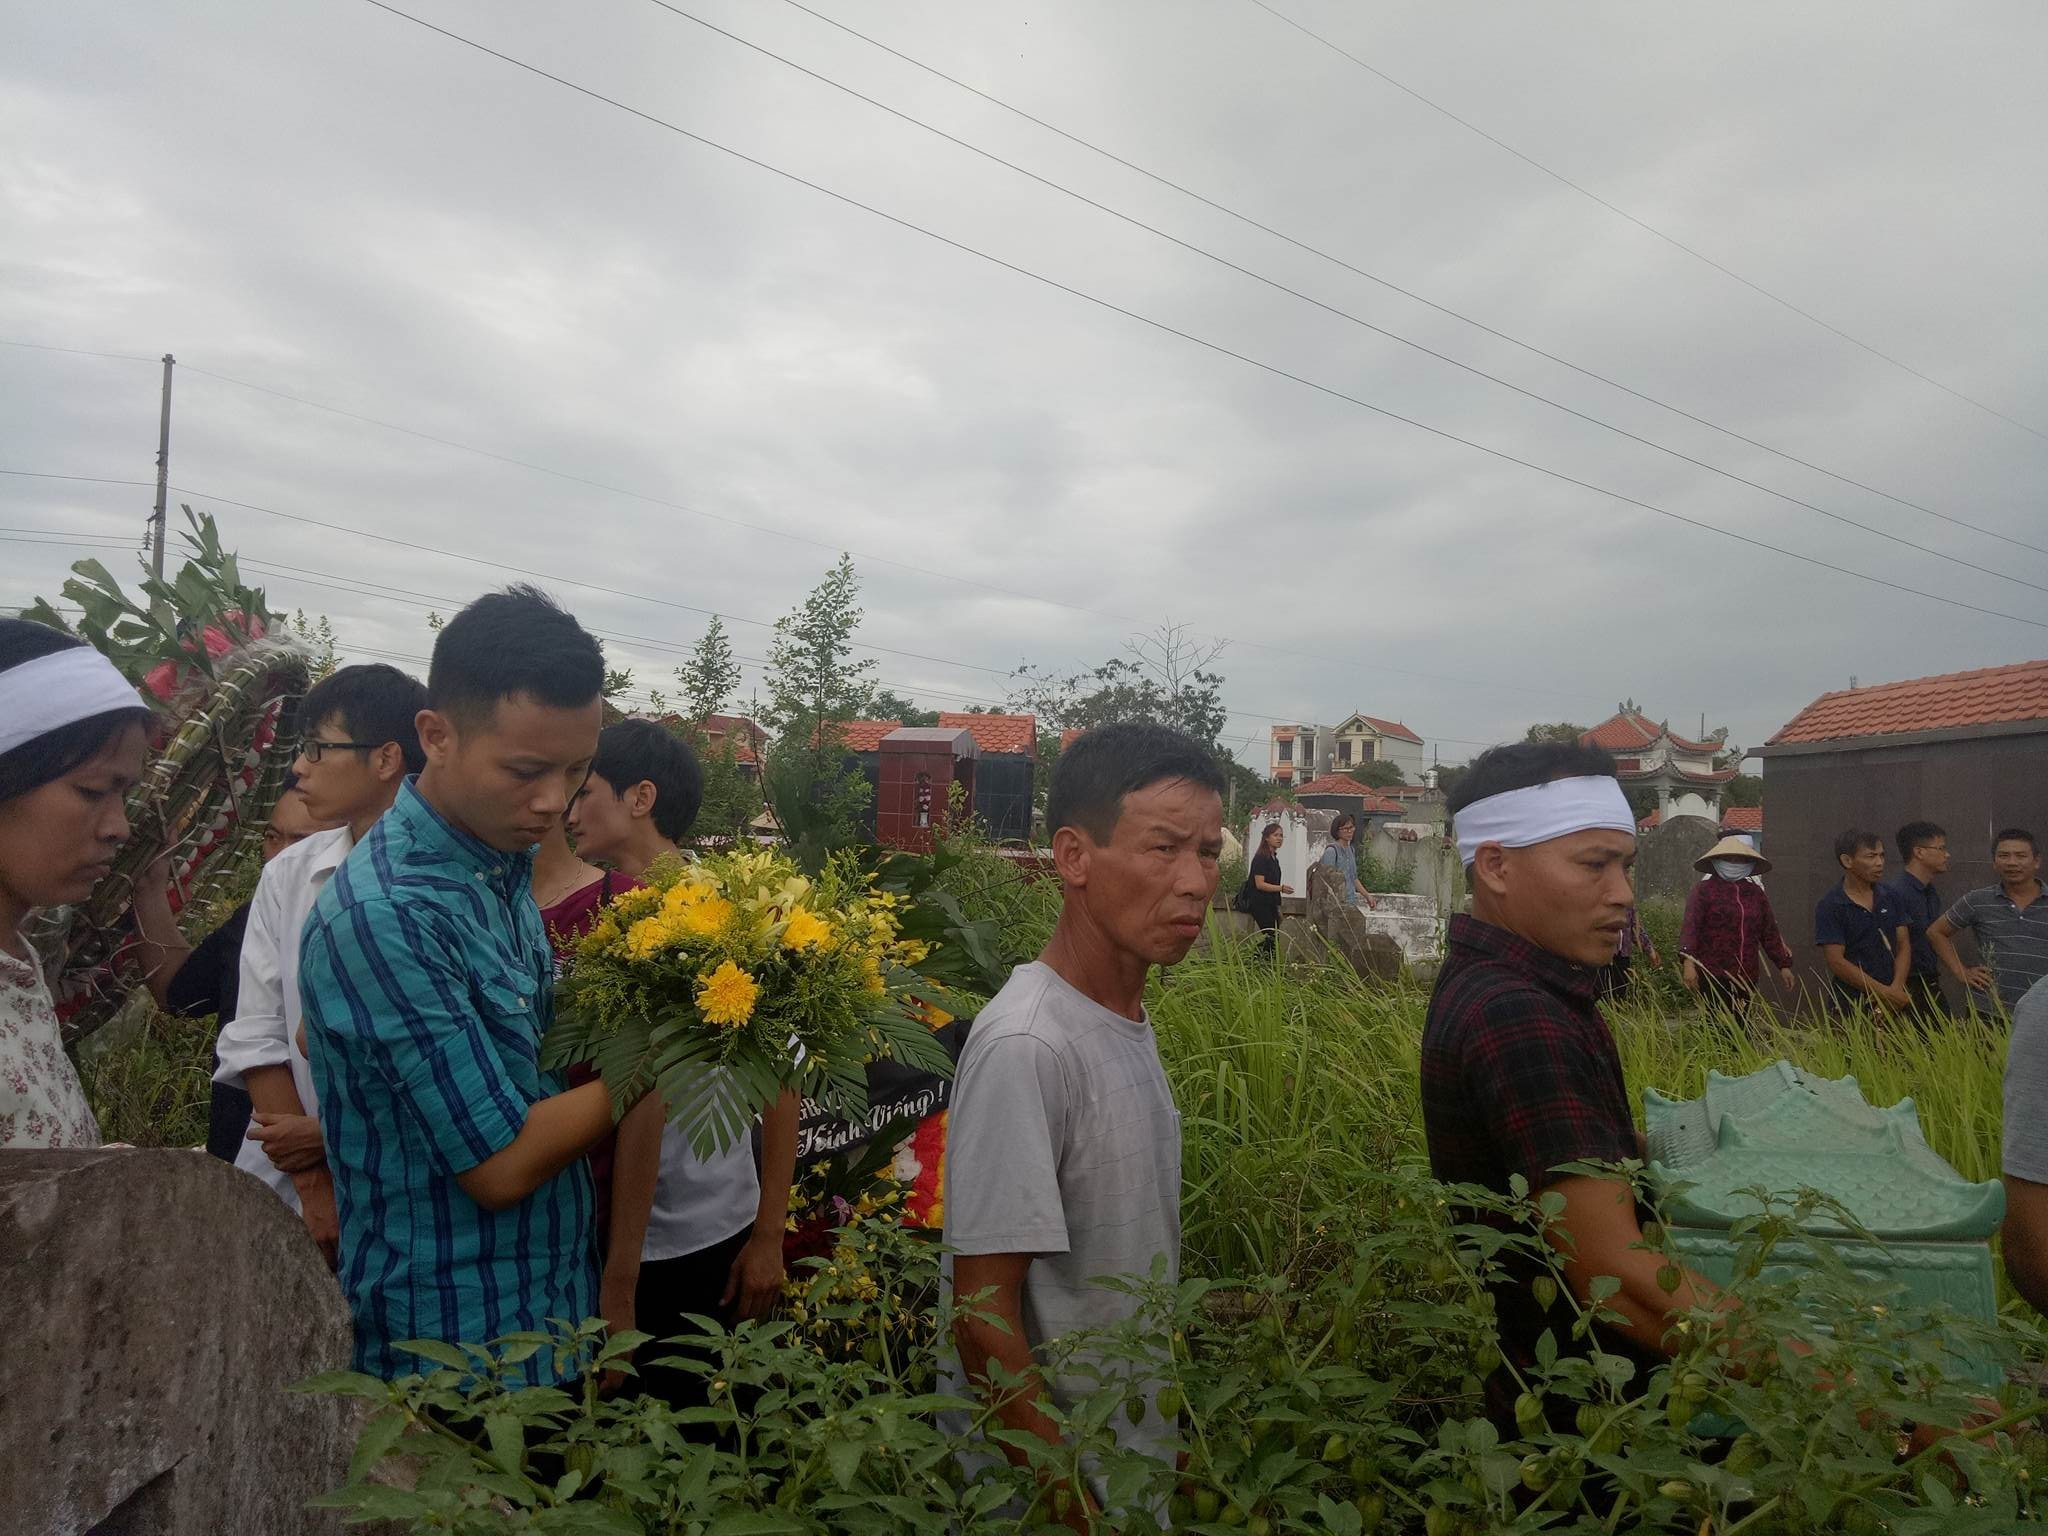 Hình ảnh nhói lòng trong đám tang phóng viên Hải Đường